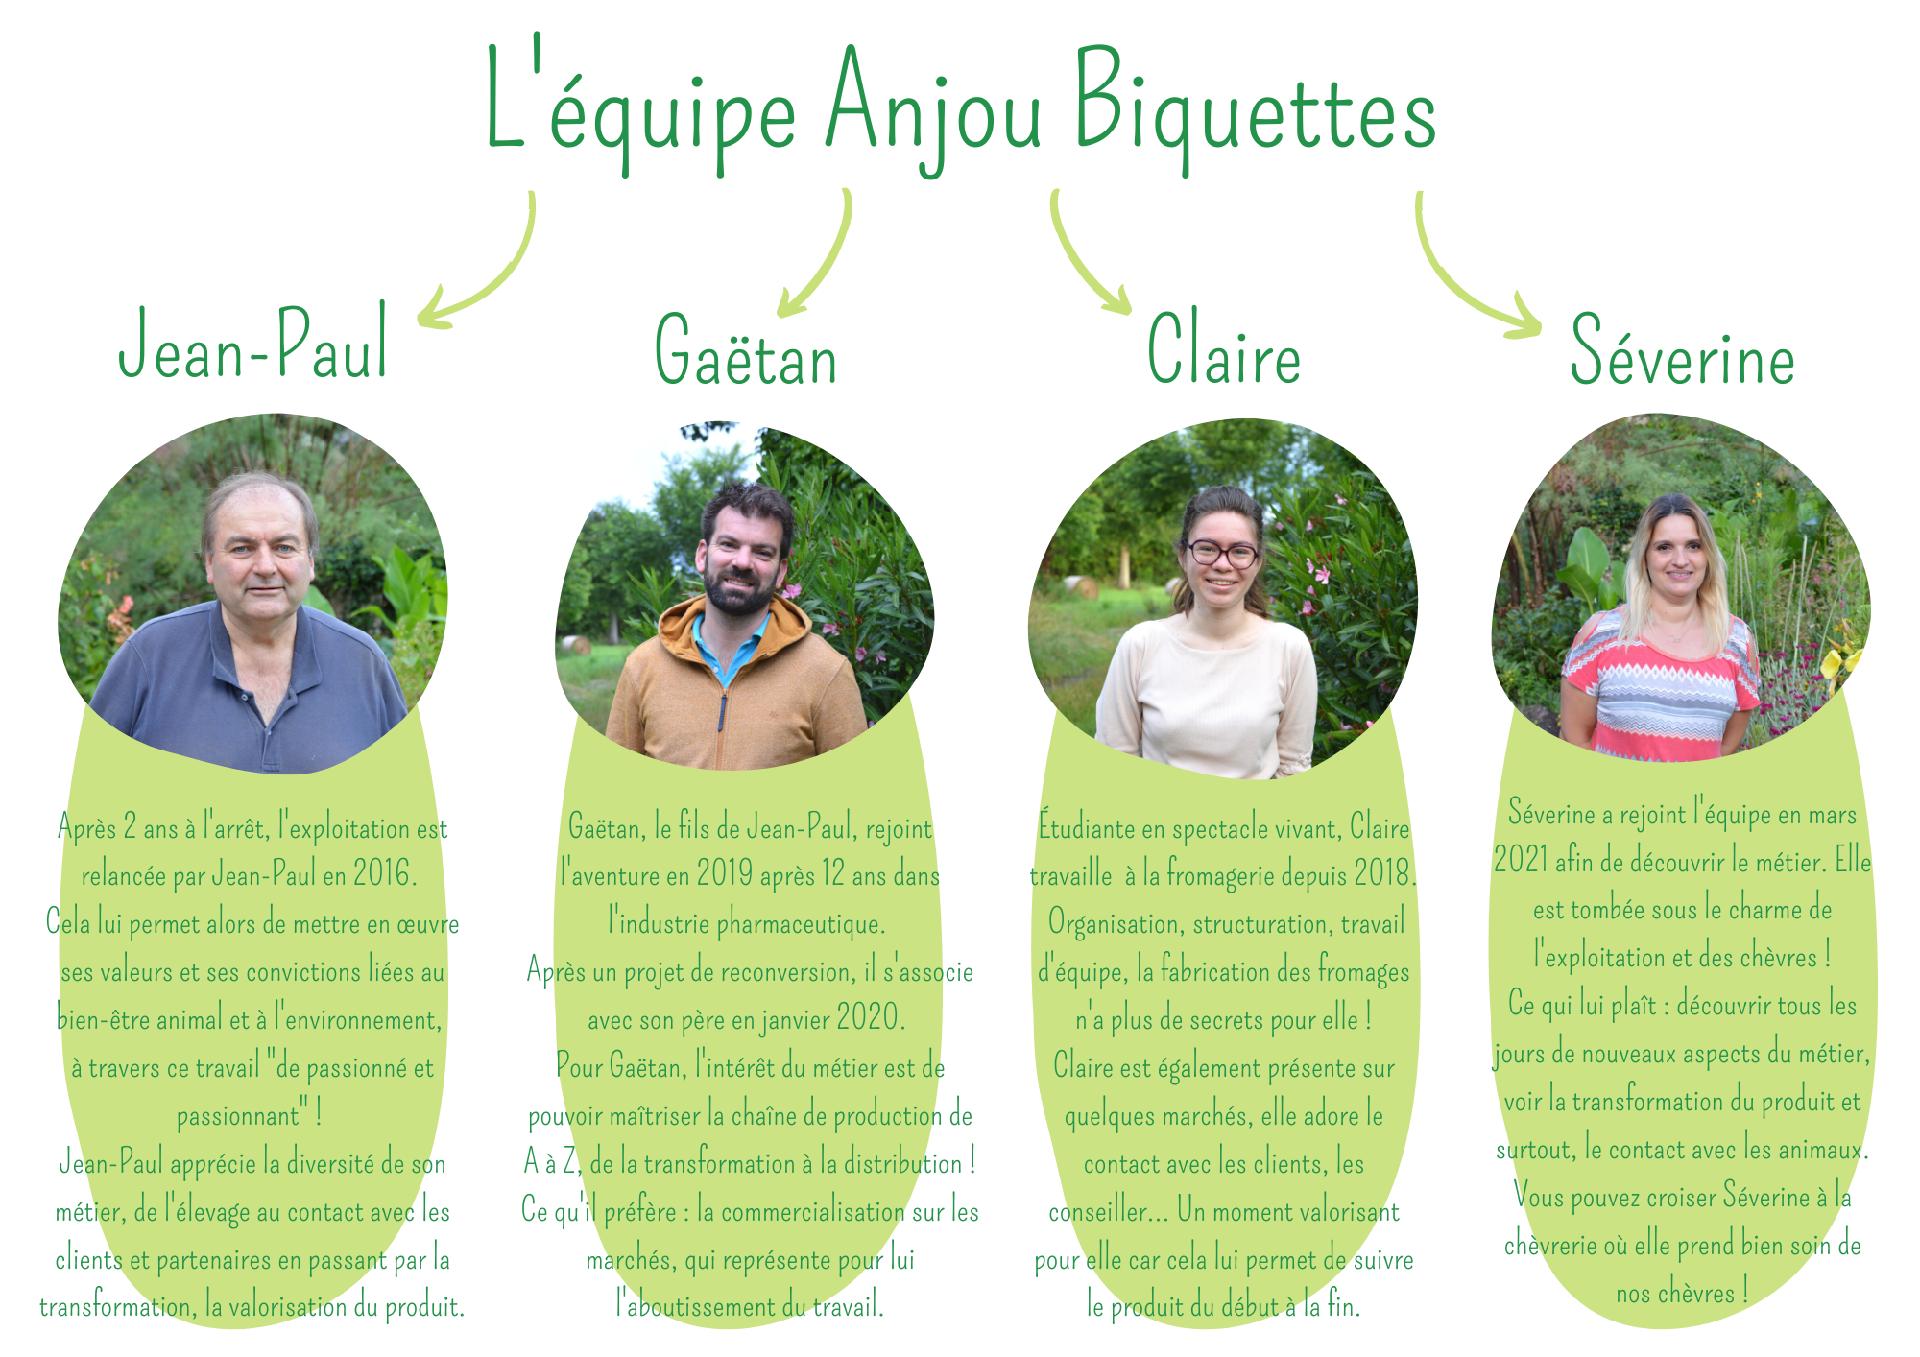 L'équipe Ferme Anjou Biquettes